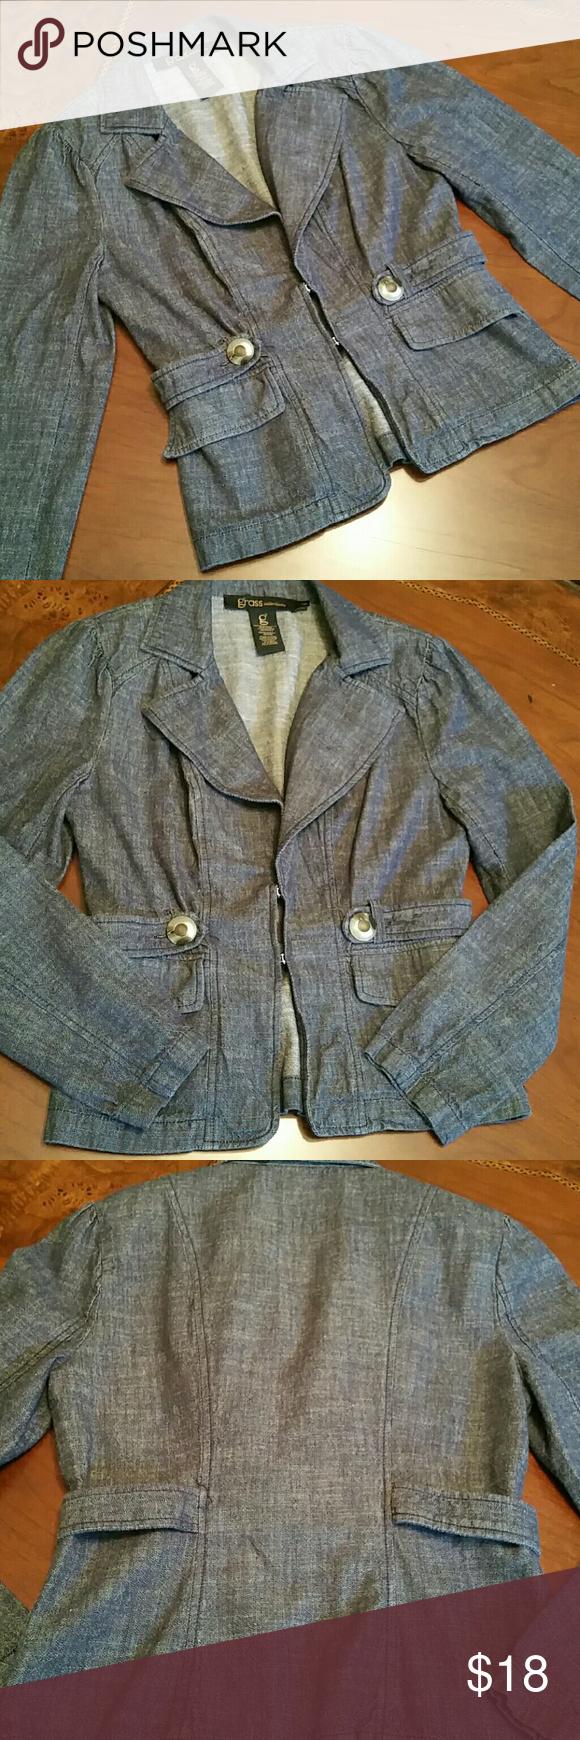 Denim blazer Denim blazer Jackets & Coats Blazers